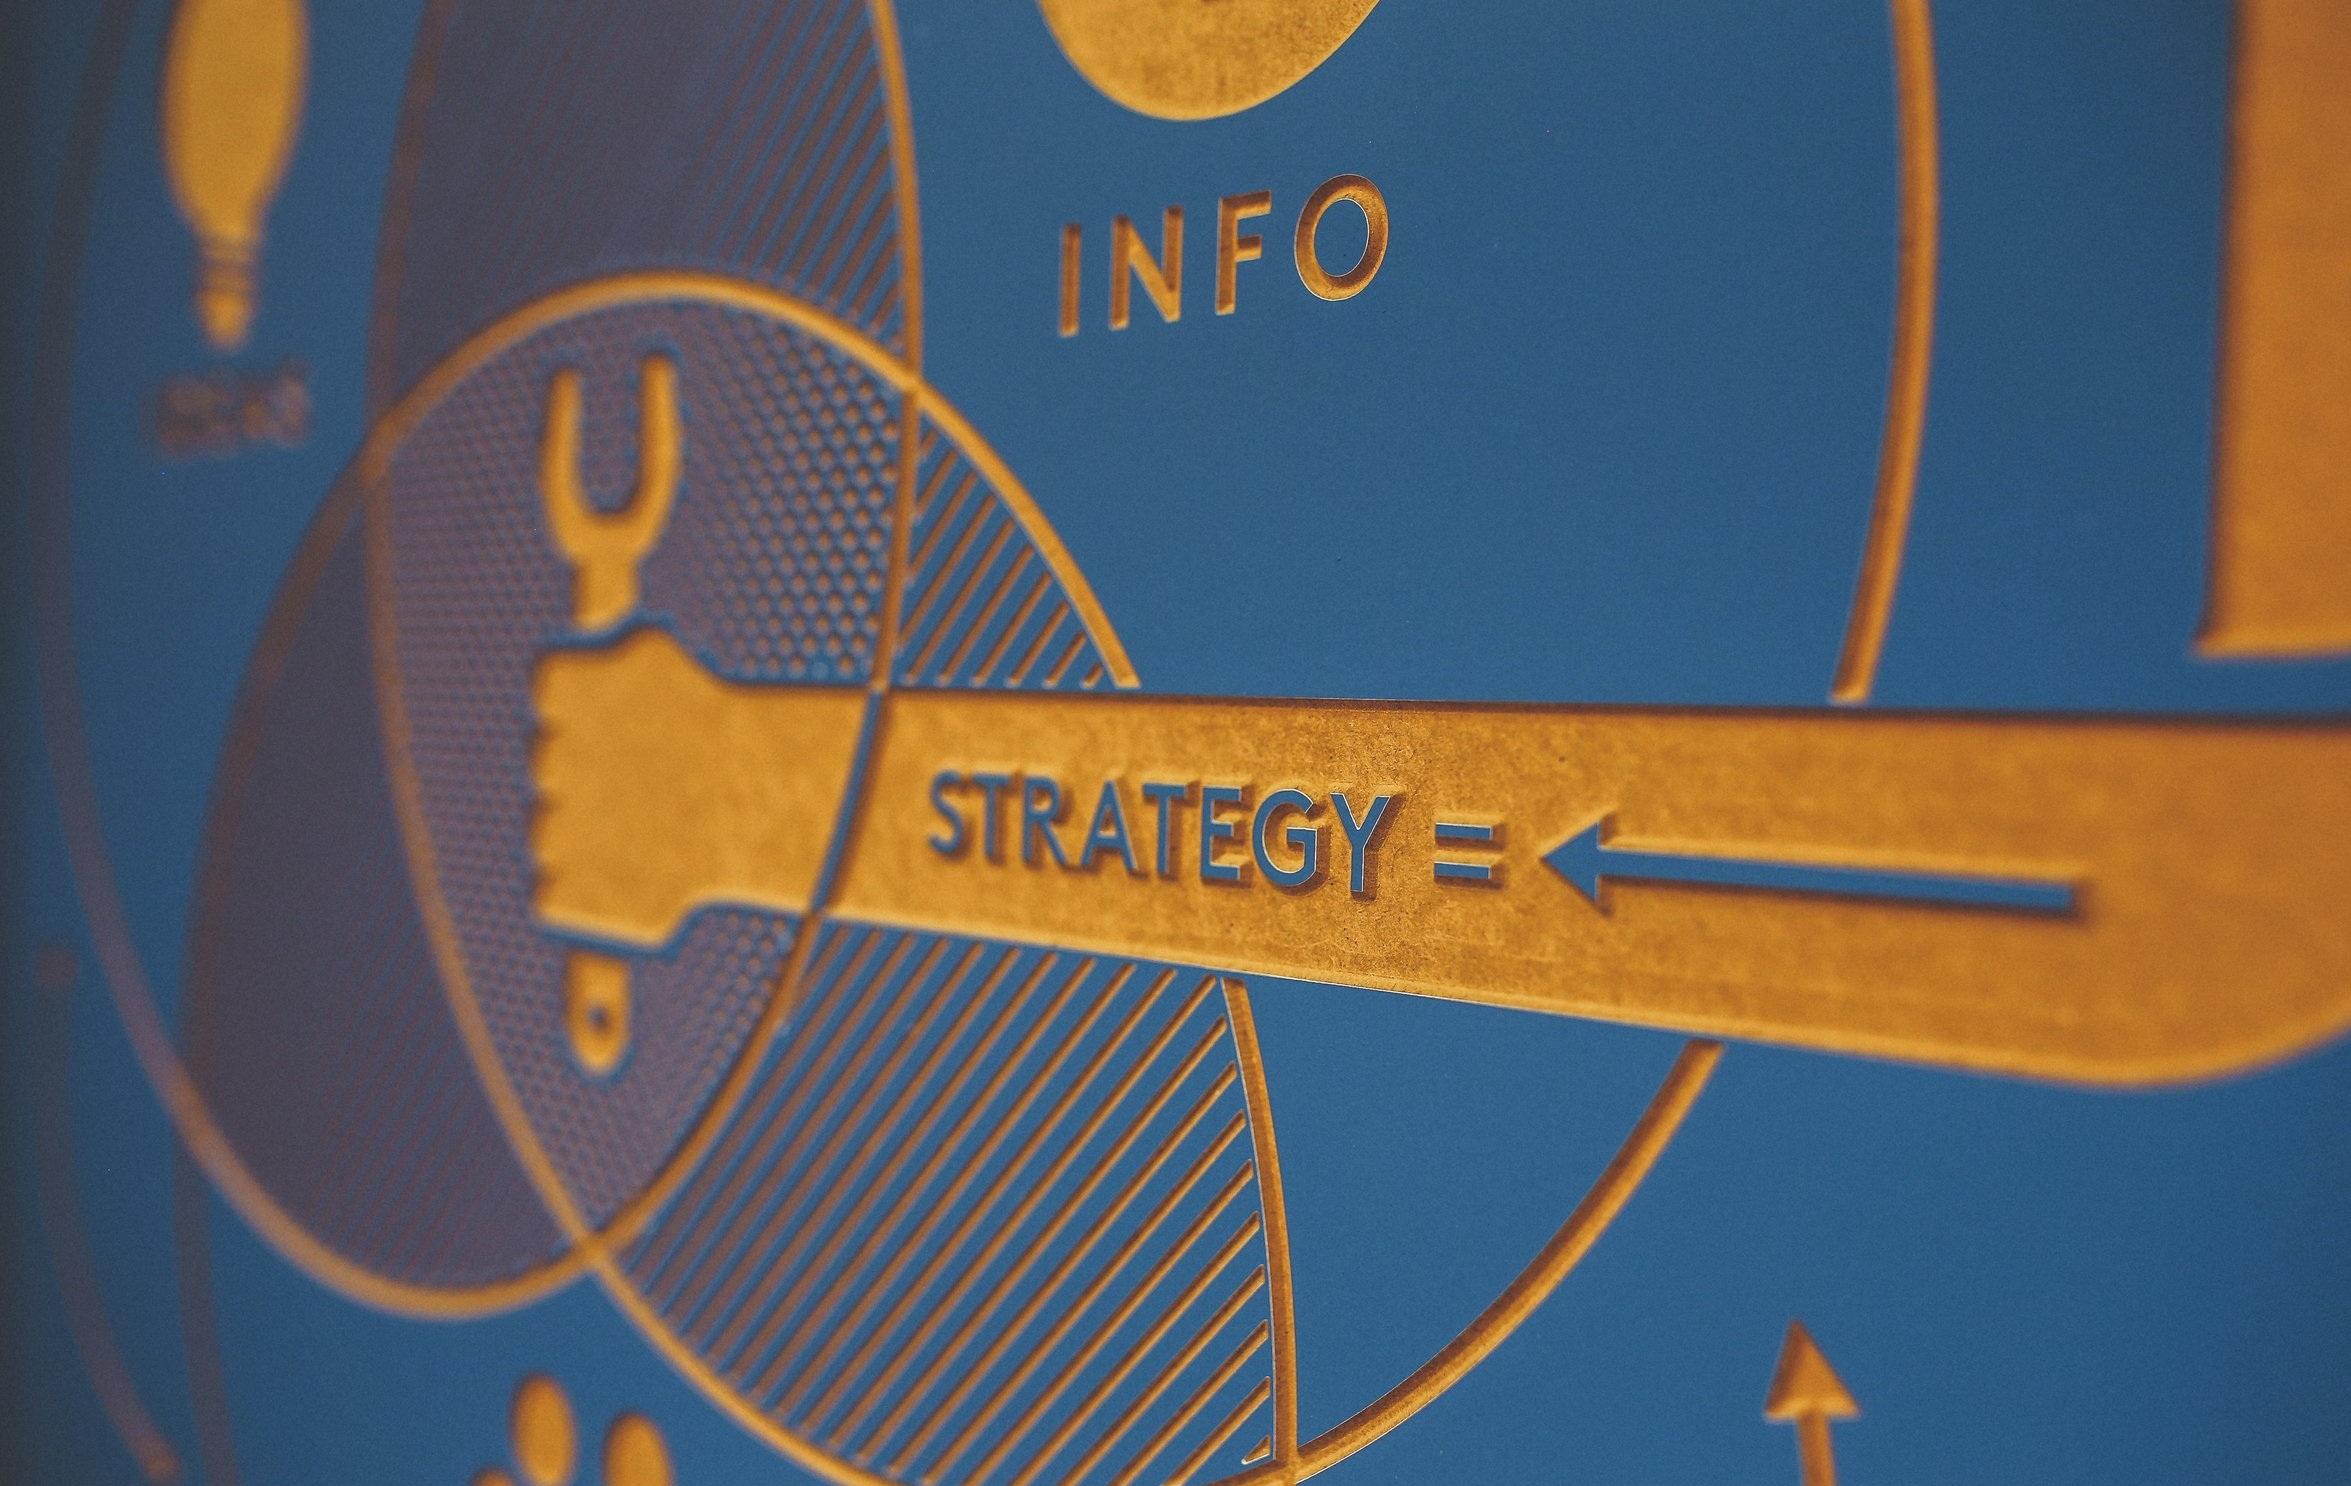 MARKETING - 最先端情報と長年培ってきた知識を活用し、デジタル・マーケティングのサービスを提供しています